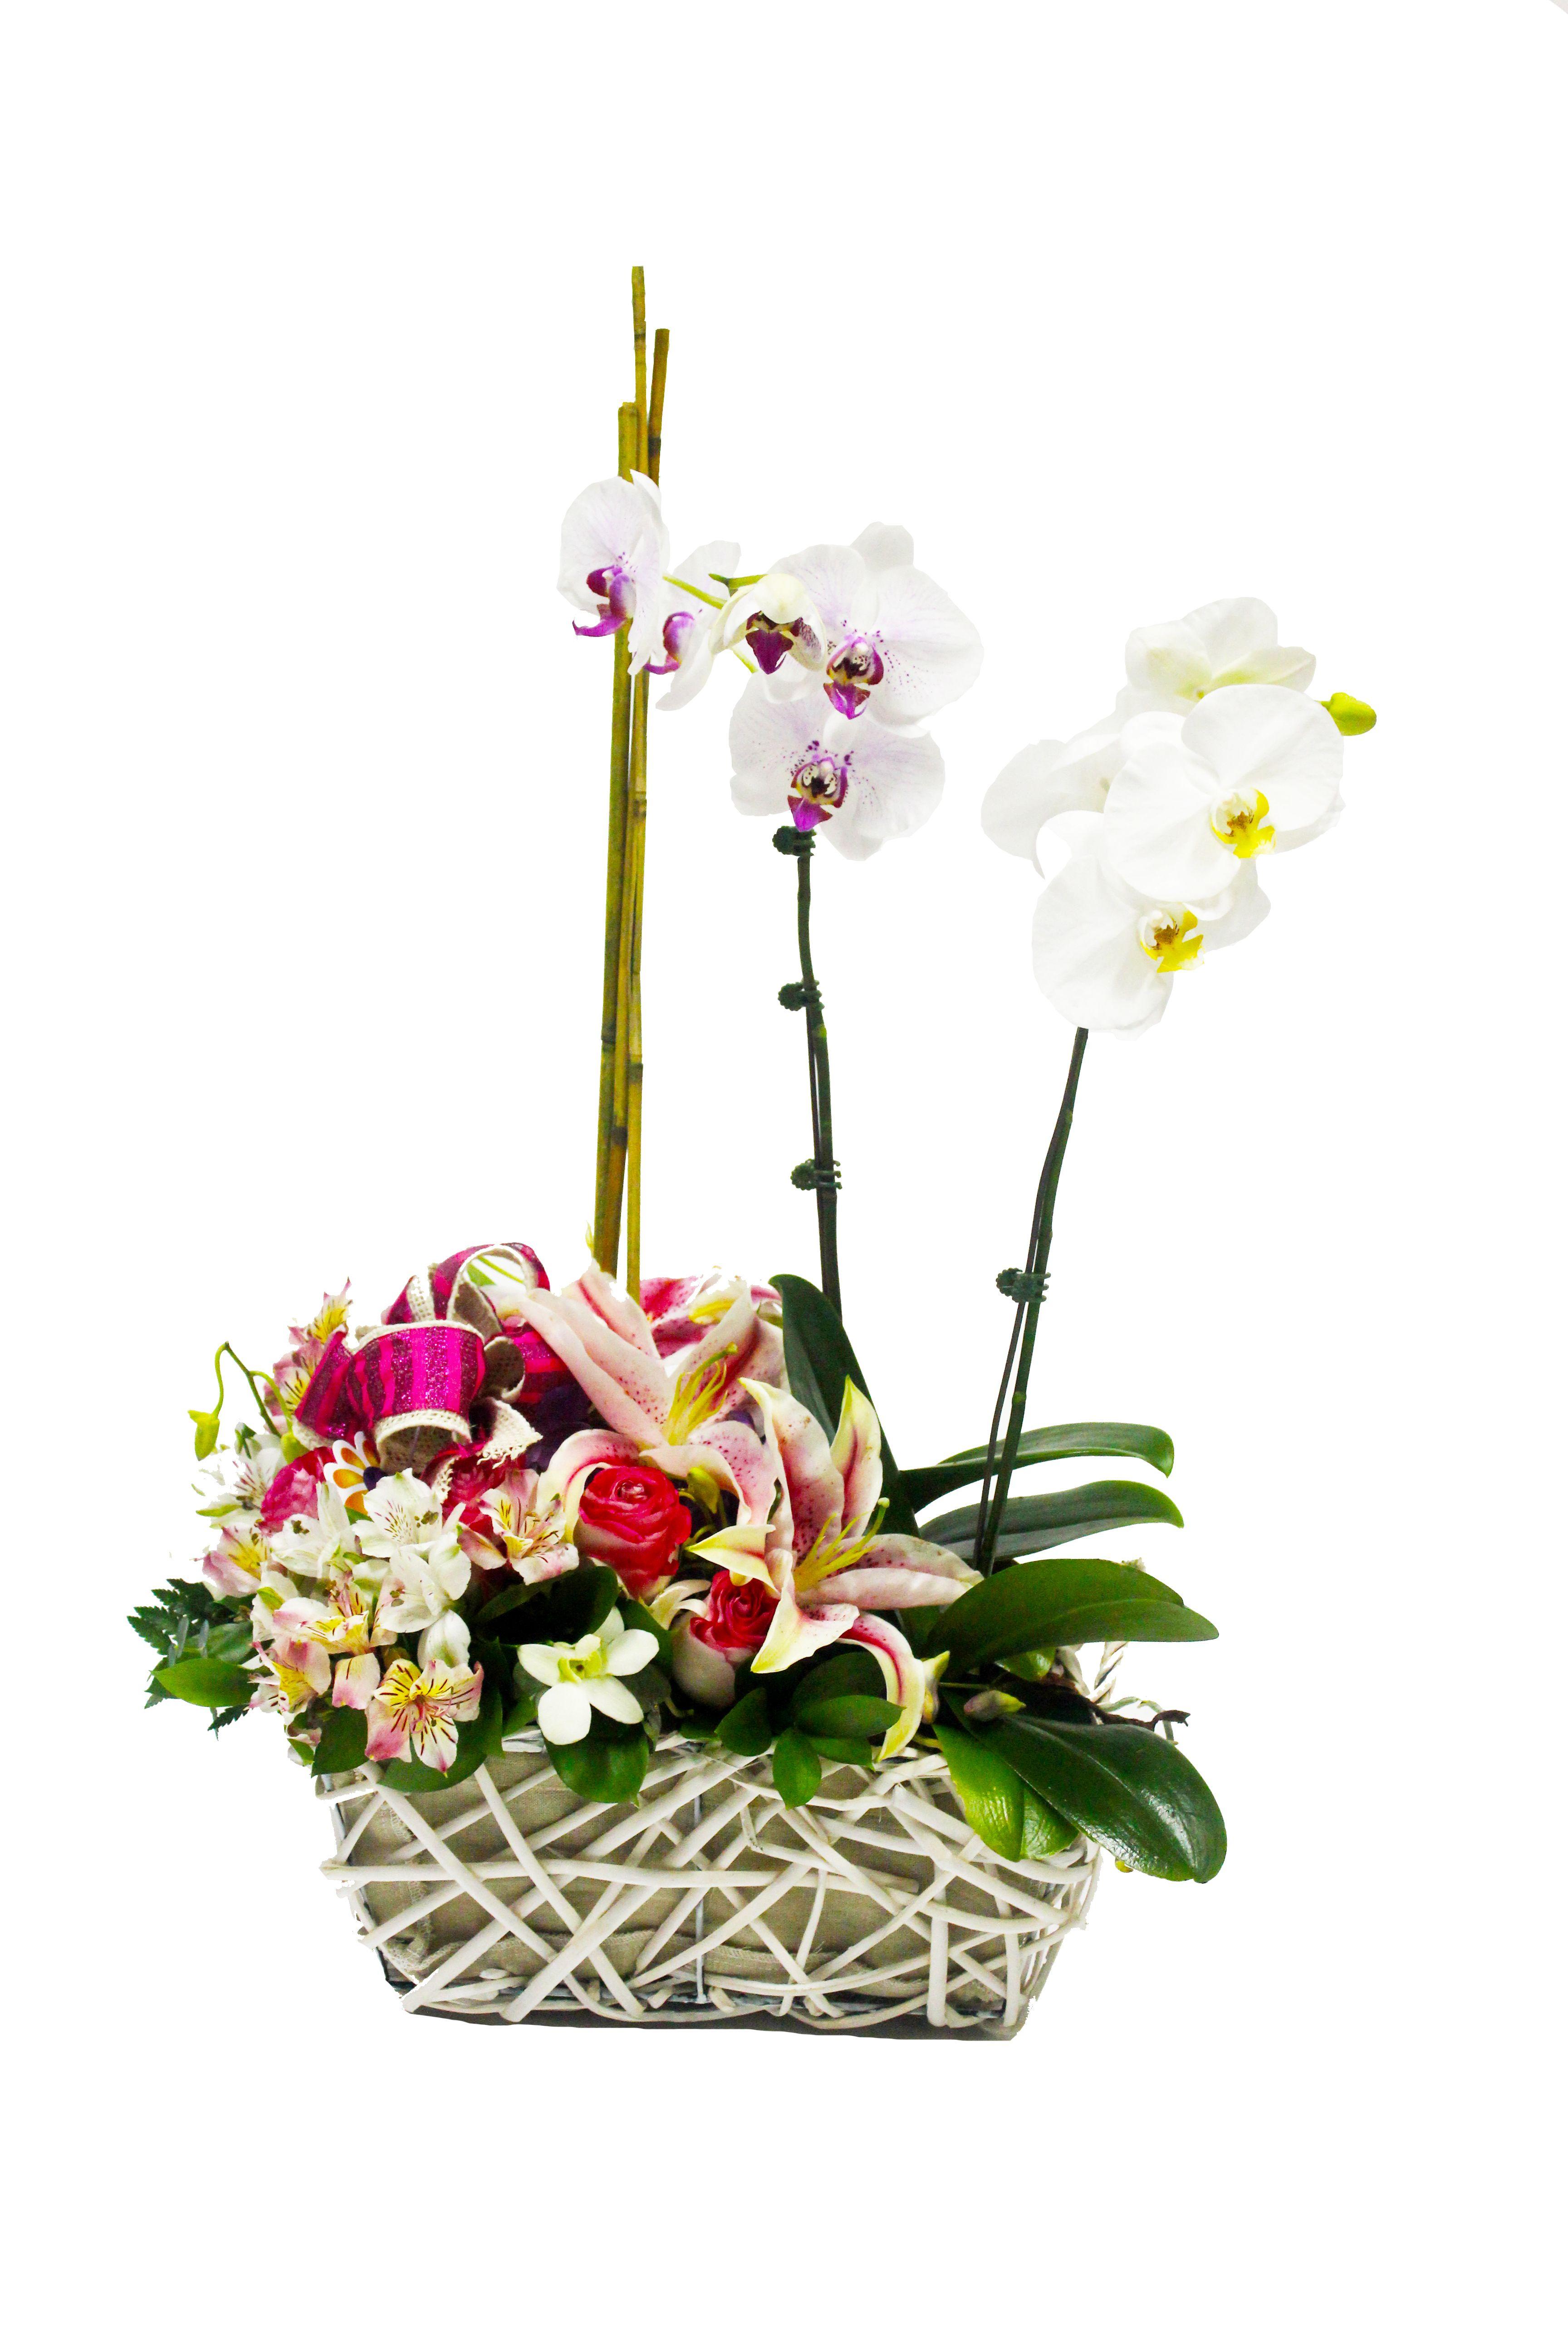 Plantas De Orquideas Acompañadas Con Hermoso Arreglo Floral